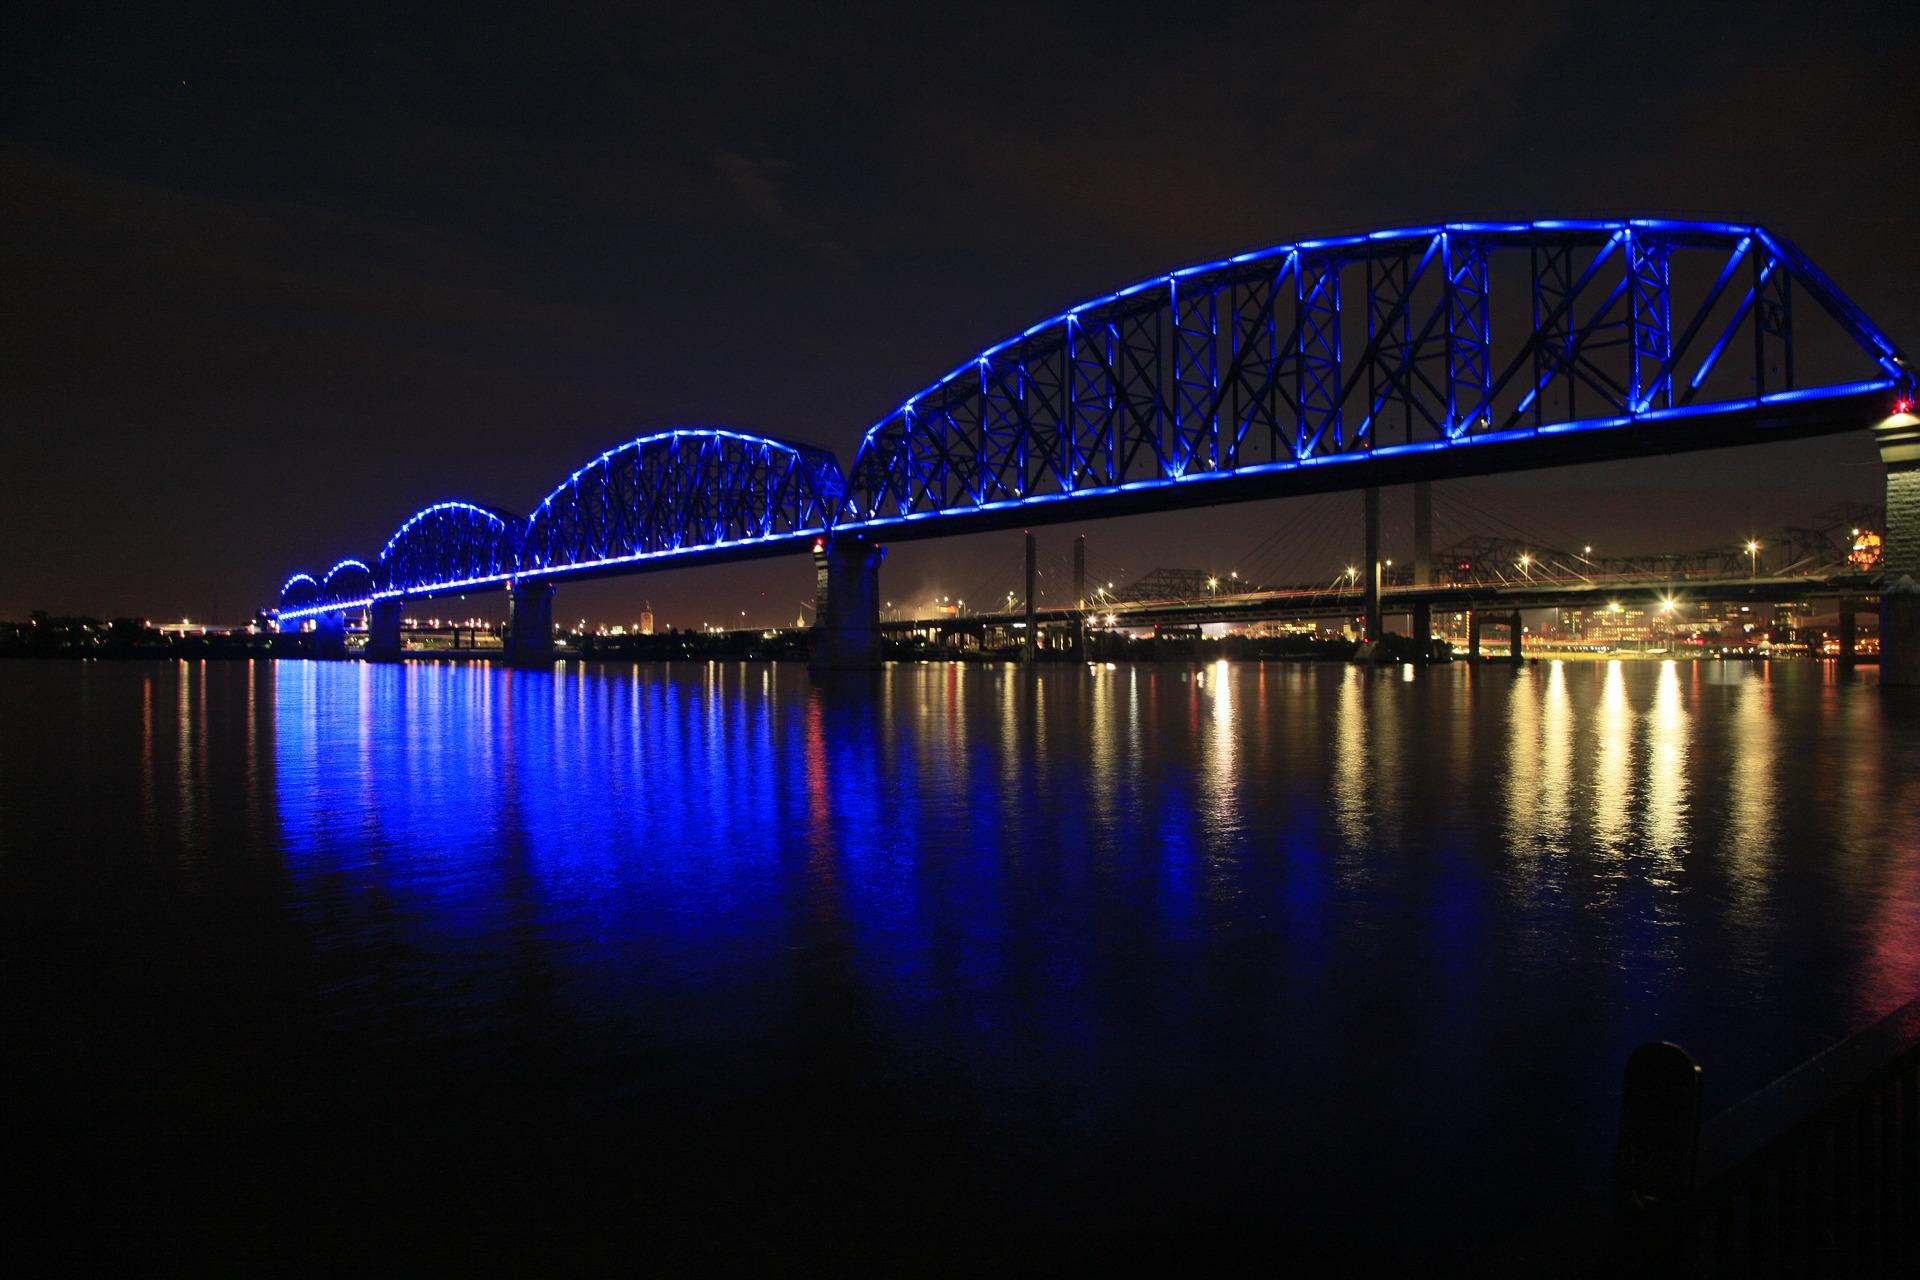 bridge-1585031_1920